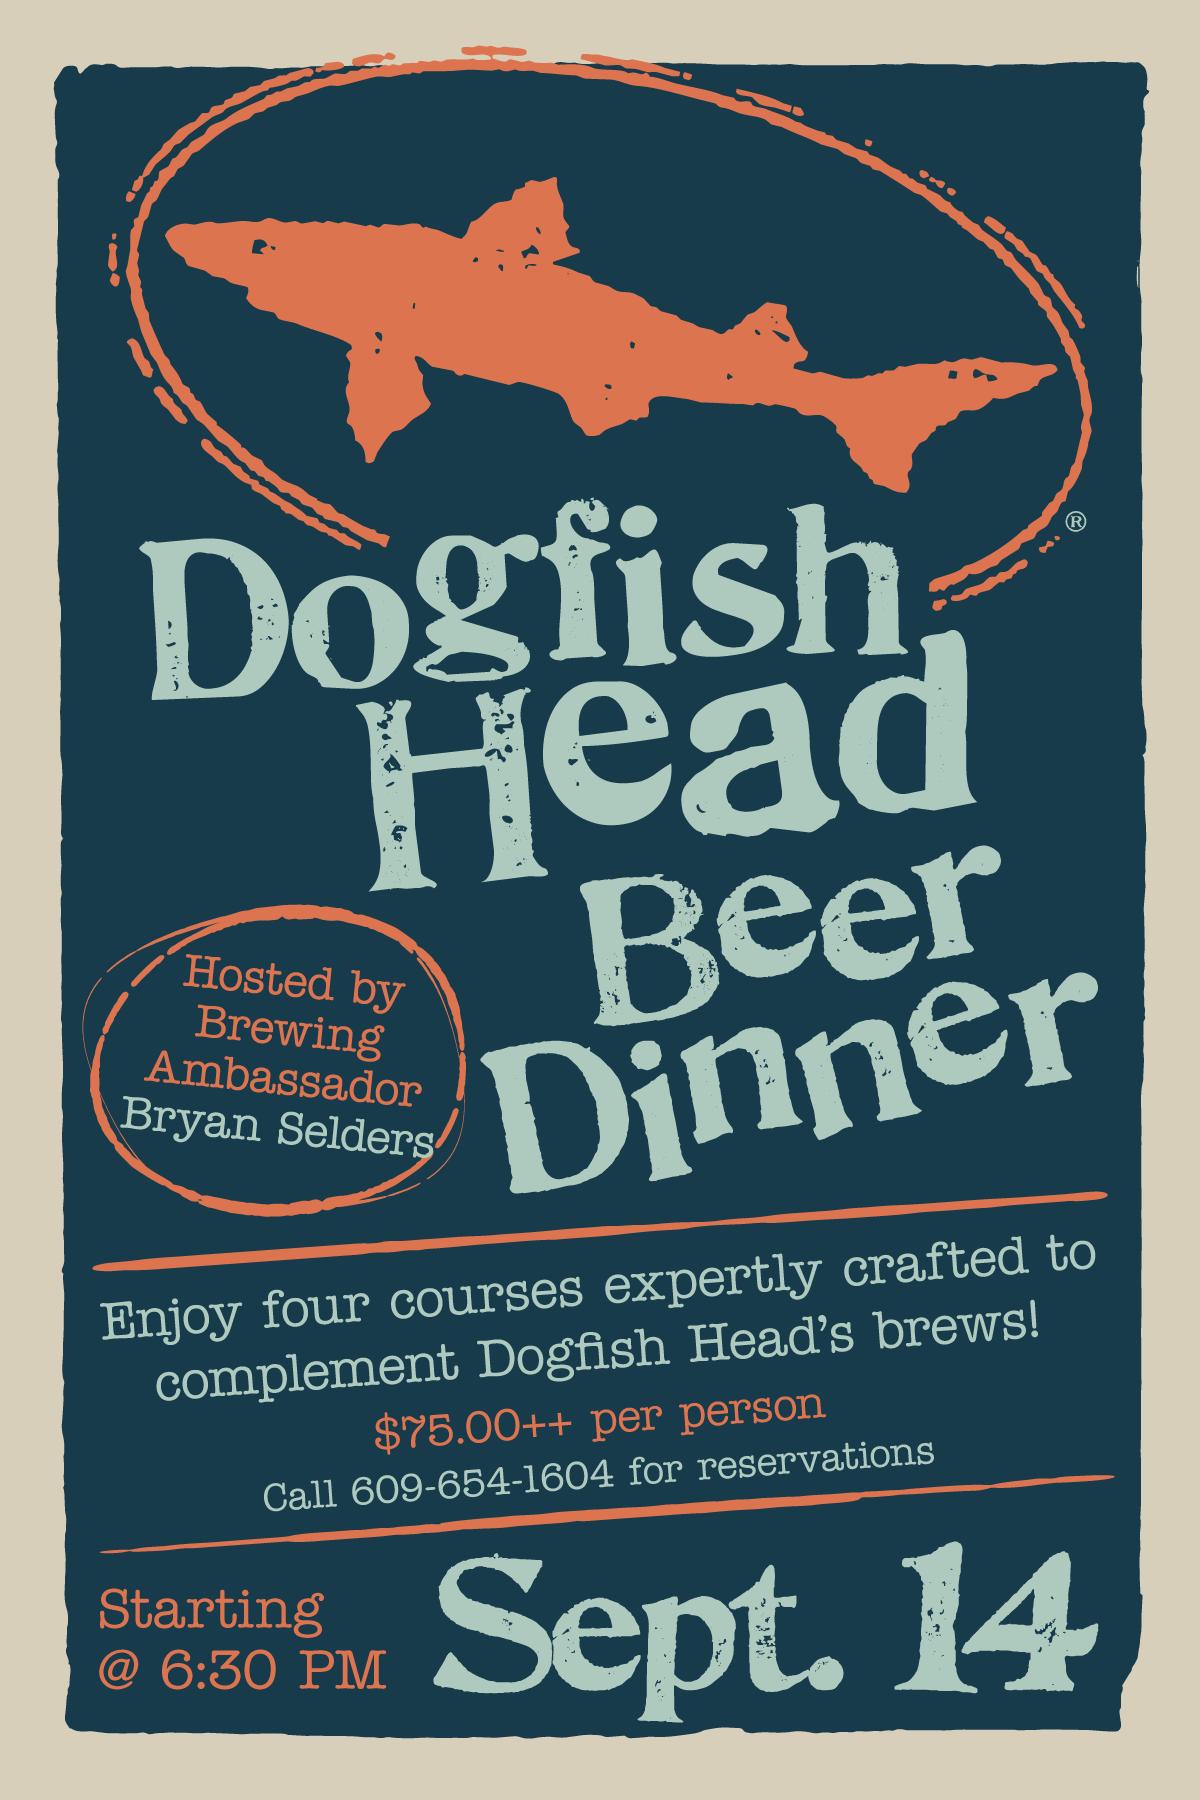 braddocks-tavern_dogfish-head-beer-dinner-with-bryan-selders-posters_07-25-18